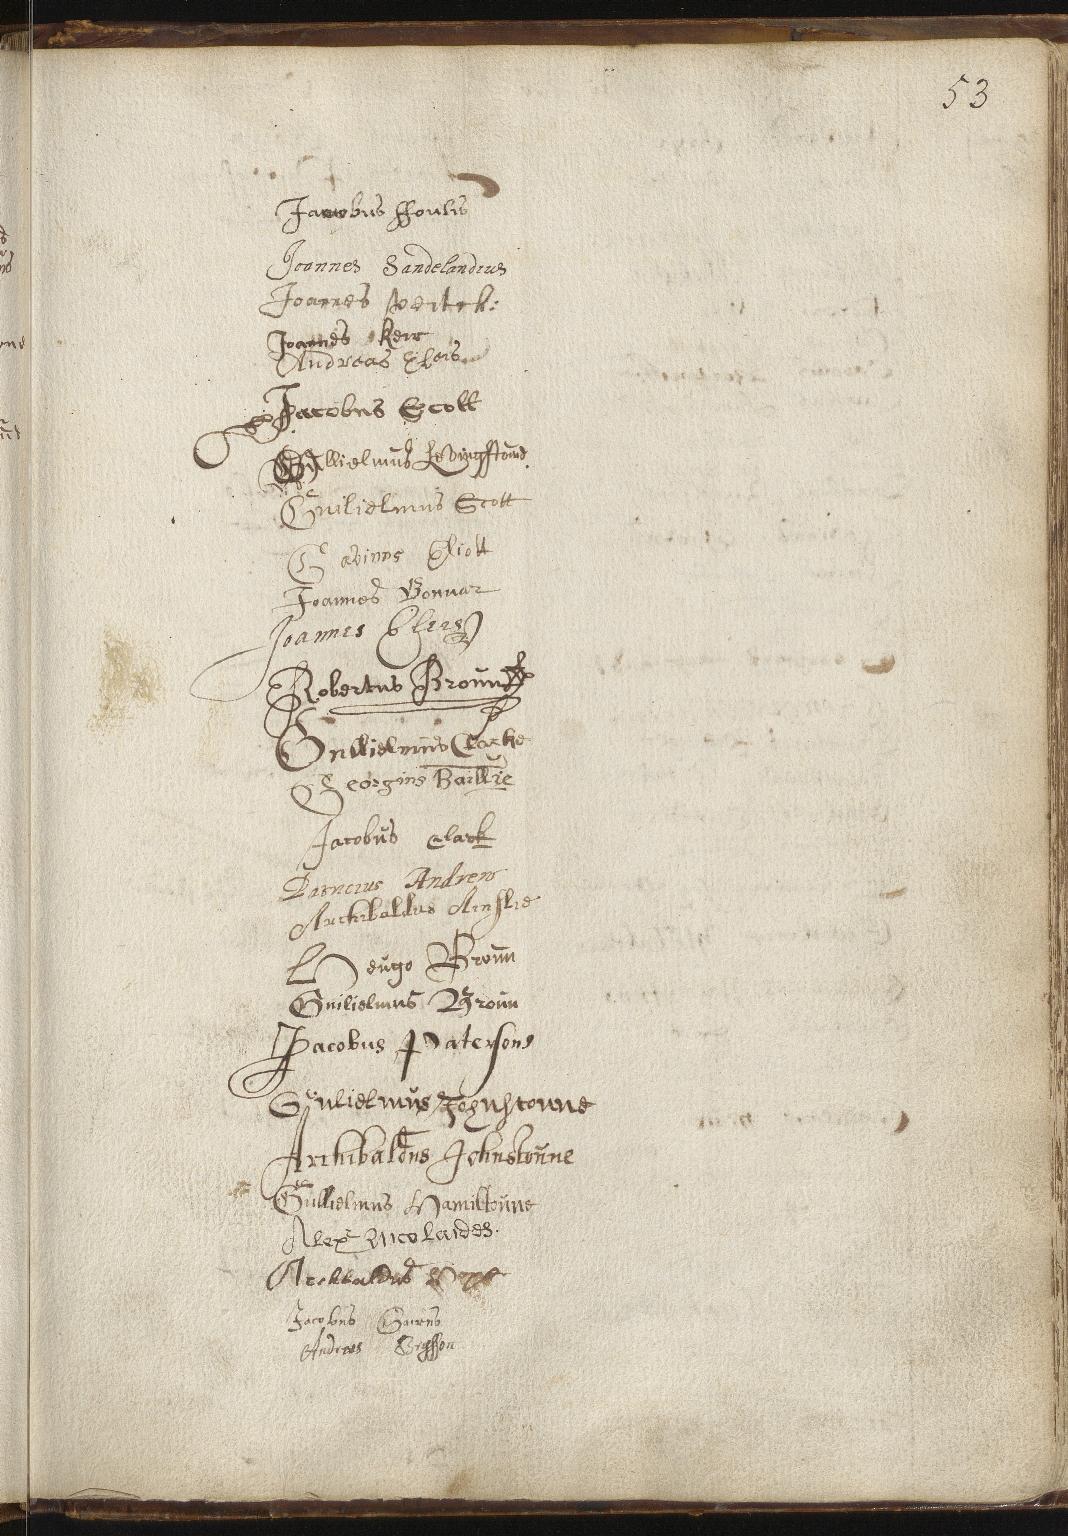 University of Edinburgh Matriculation Album (Volume One), p.53